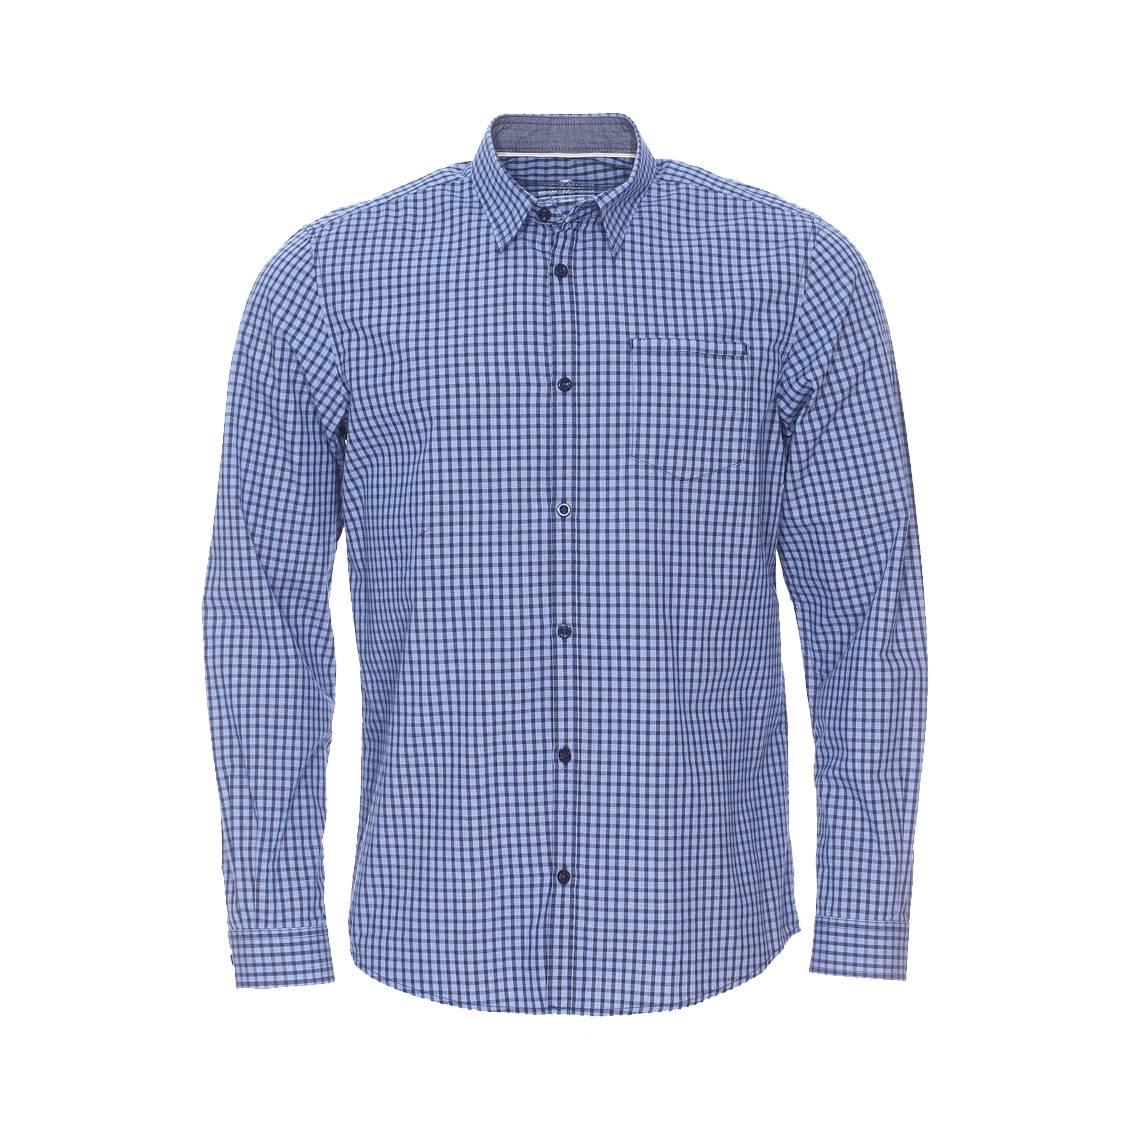 Chemise ajustée  en coton à carreaux vichy bleus